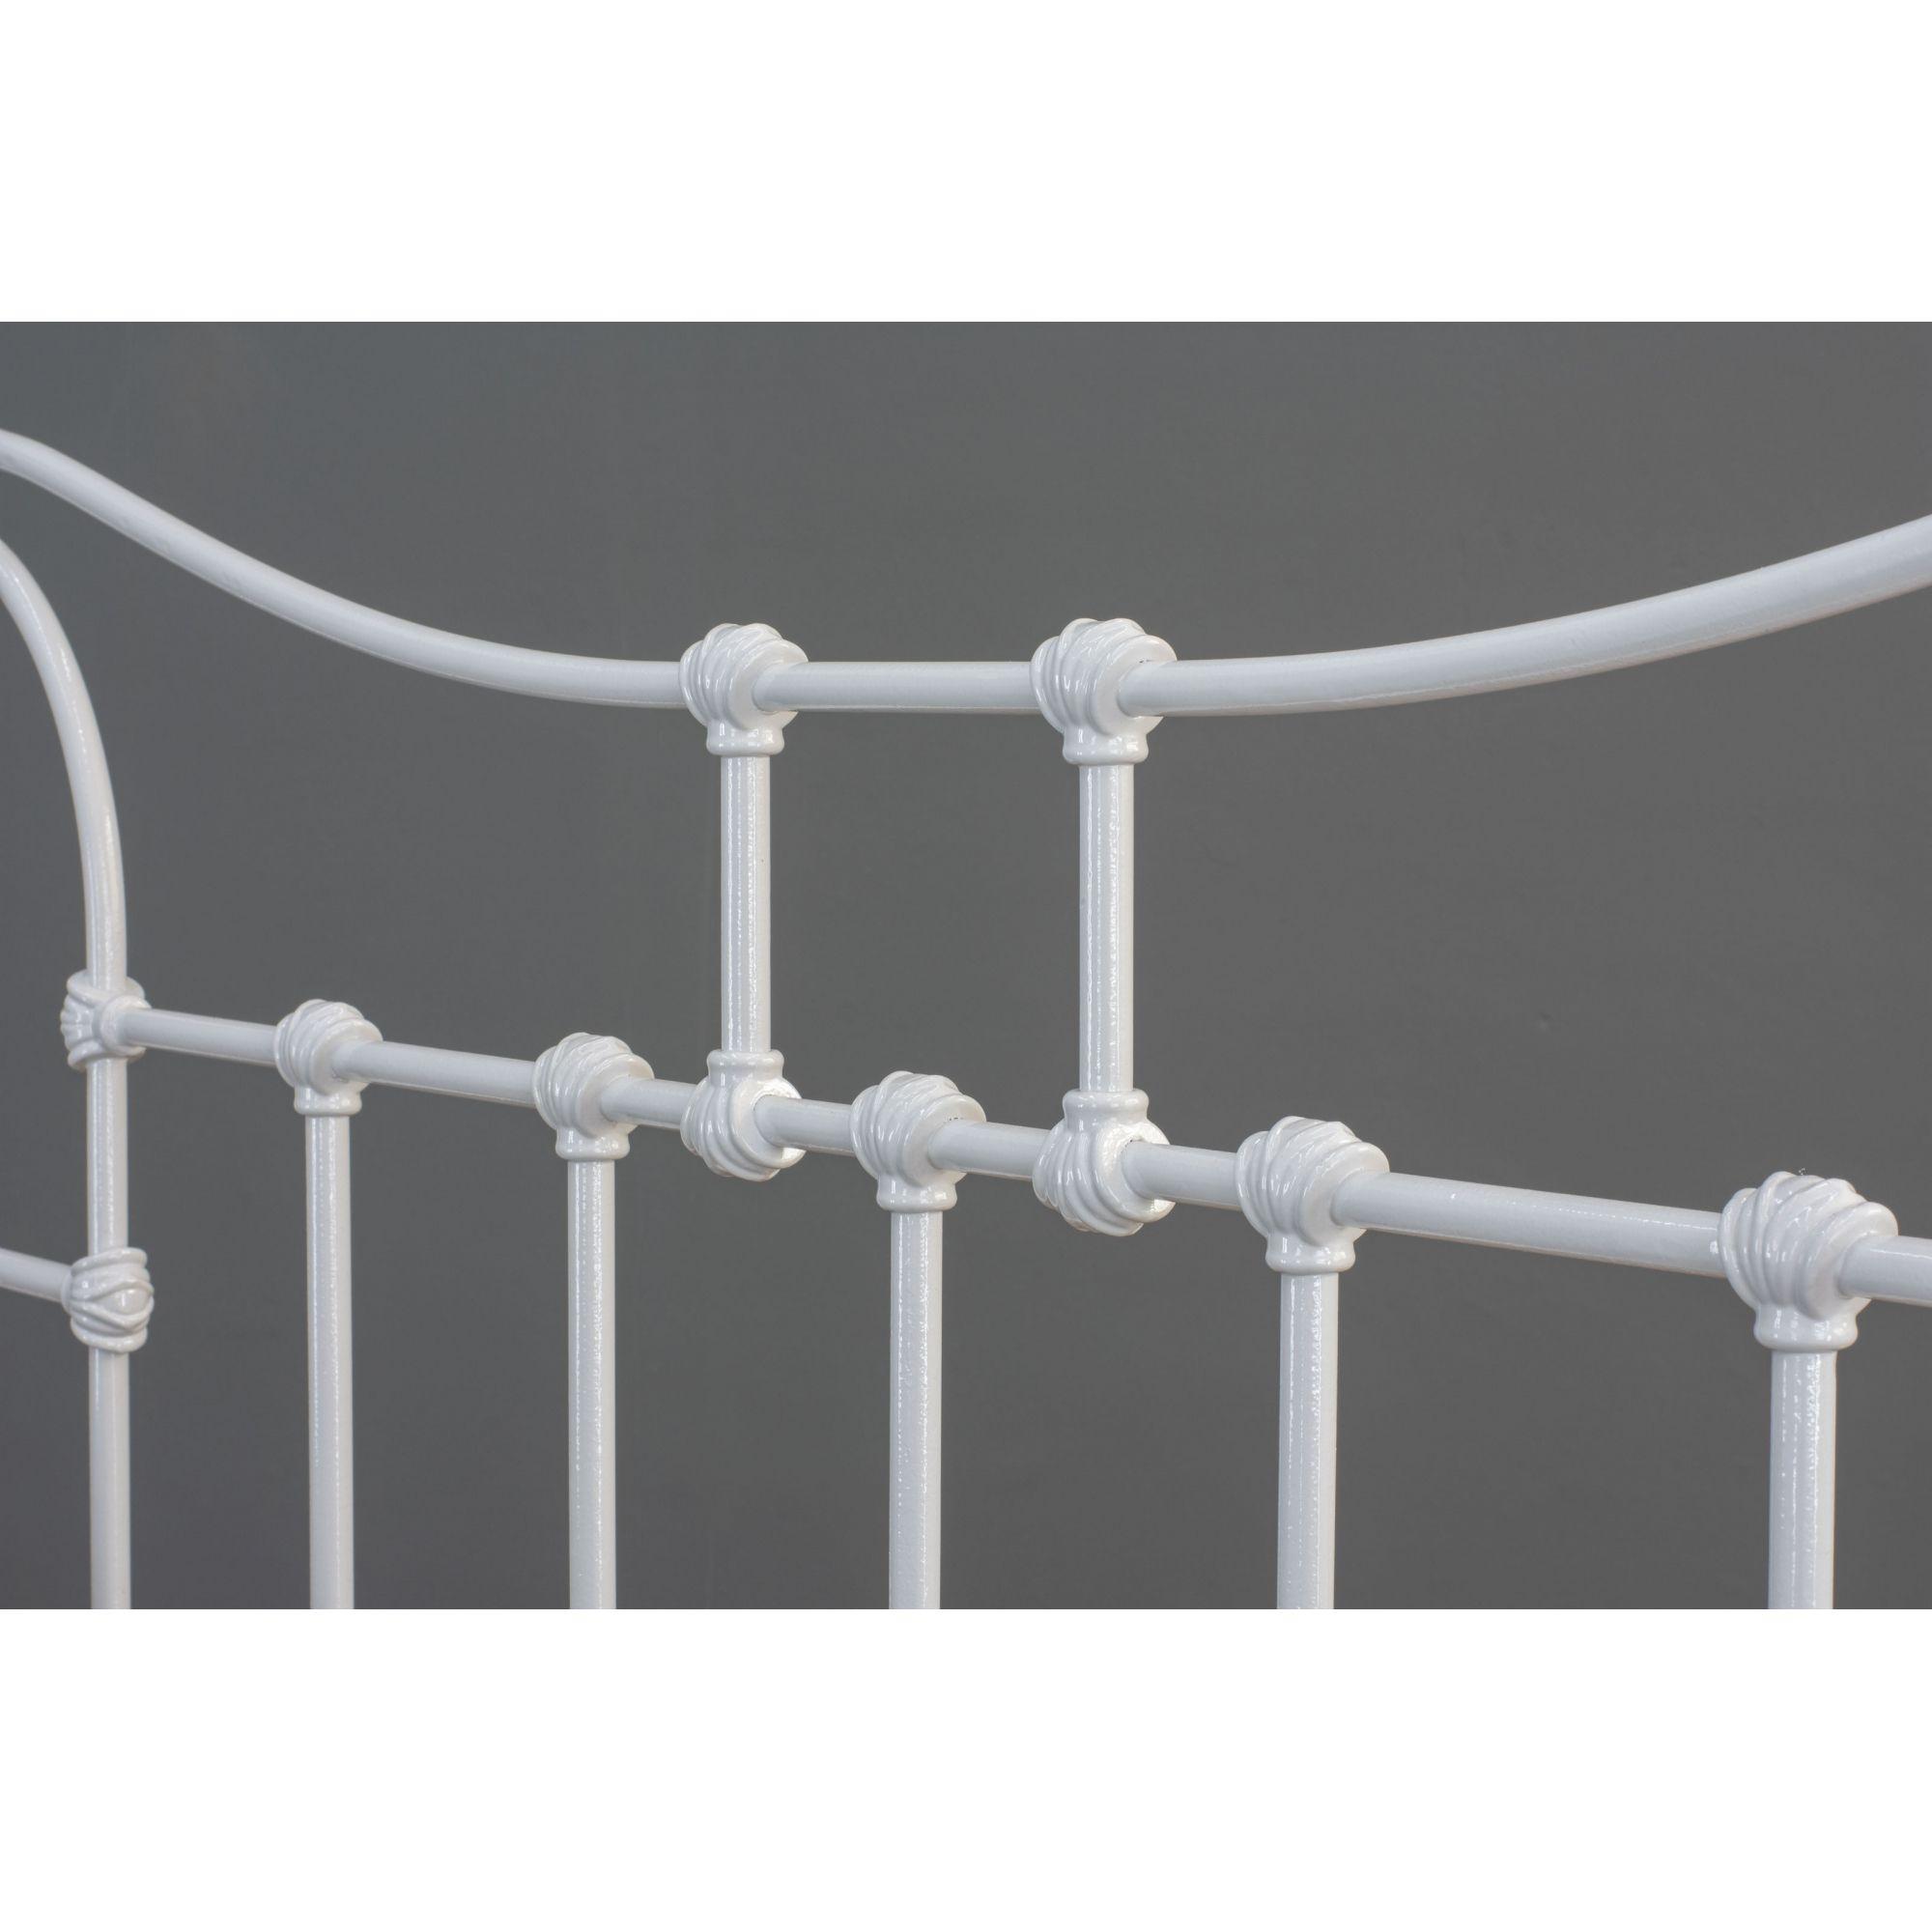 Cama de Ferro Francesa - Sem desenho da peseira - Casal Comum Branca